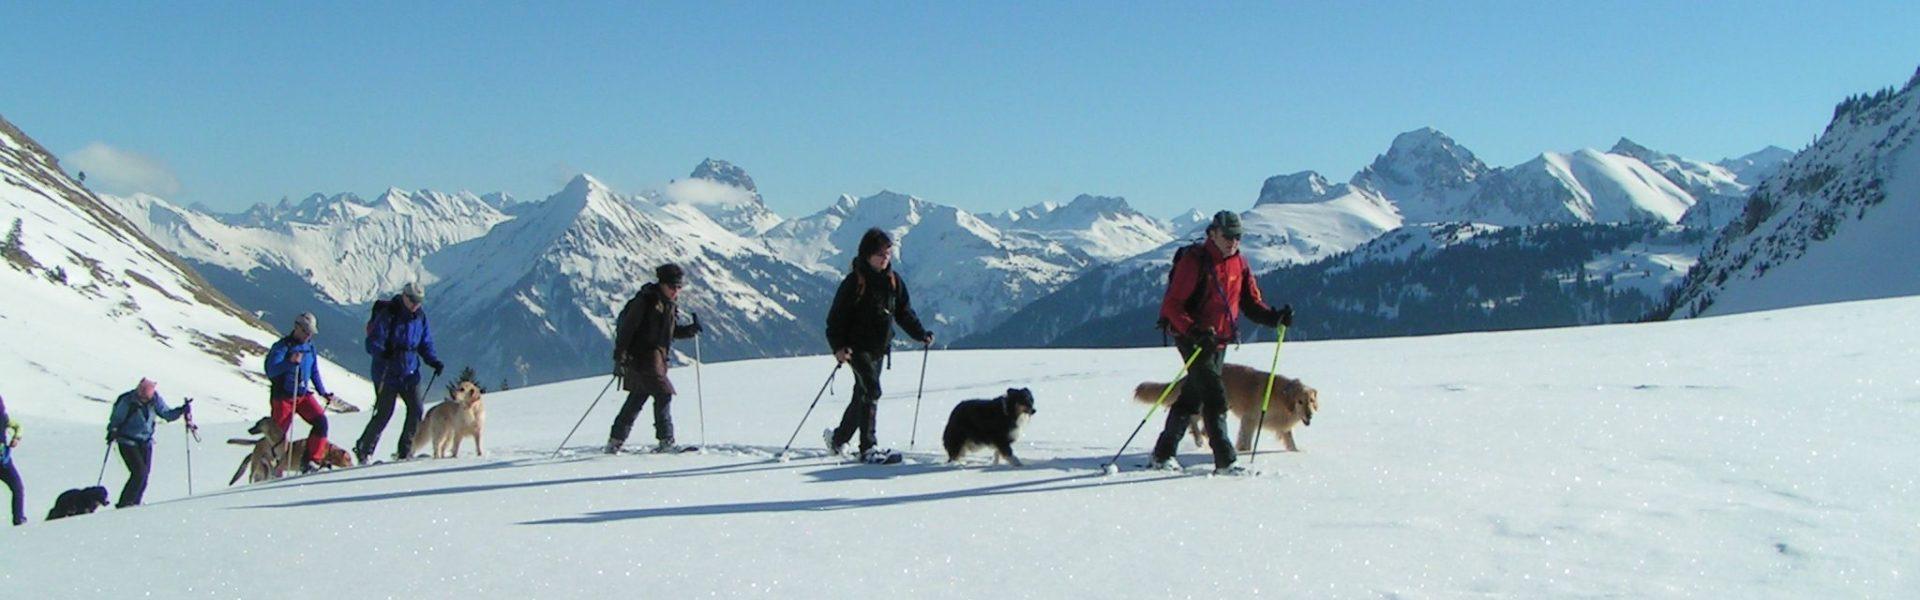 Winterwandern mit dem Hund (c) Thomas Bauer / Lexlupo